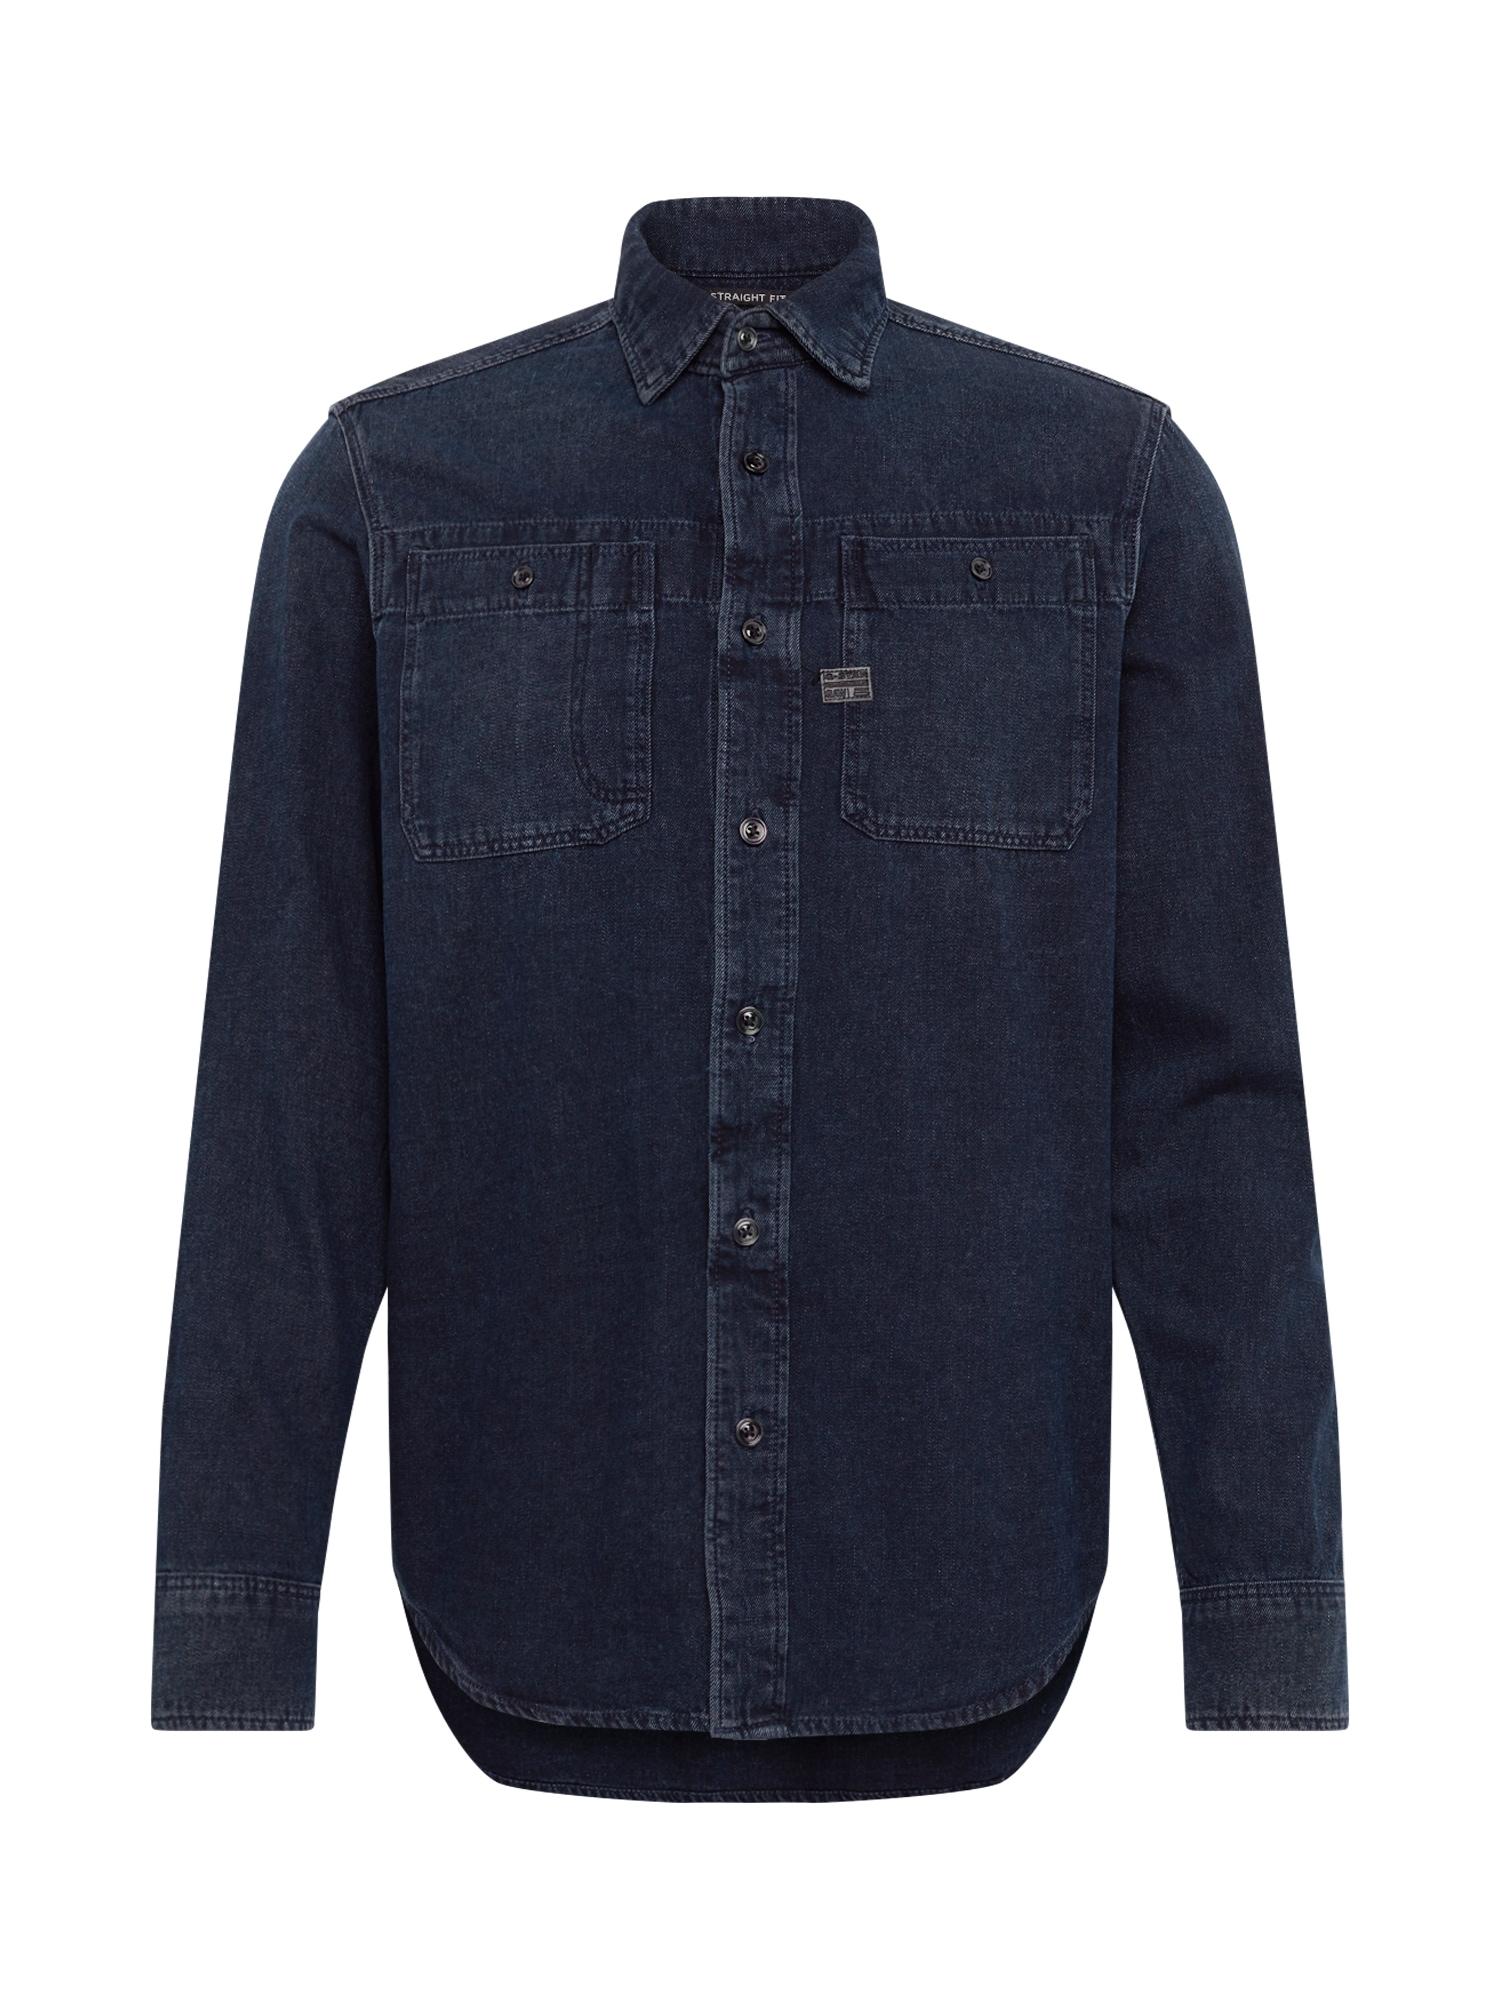 G-Star RAW Dalykiniai marškiniai 'Kinec' tamsiai mėlyna